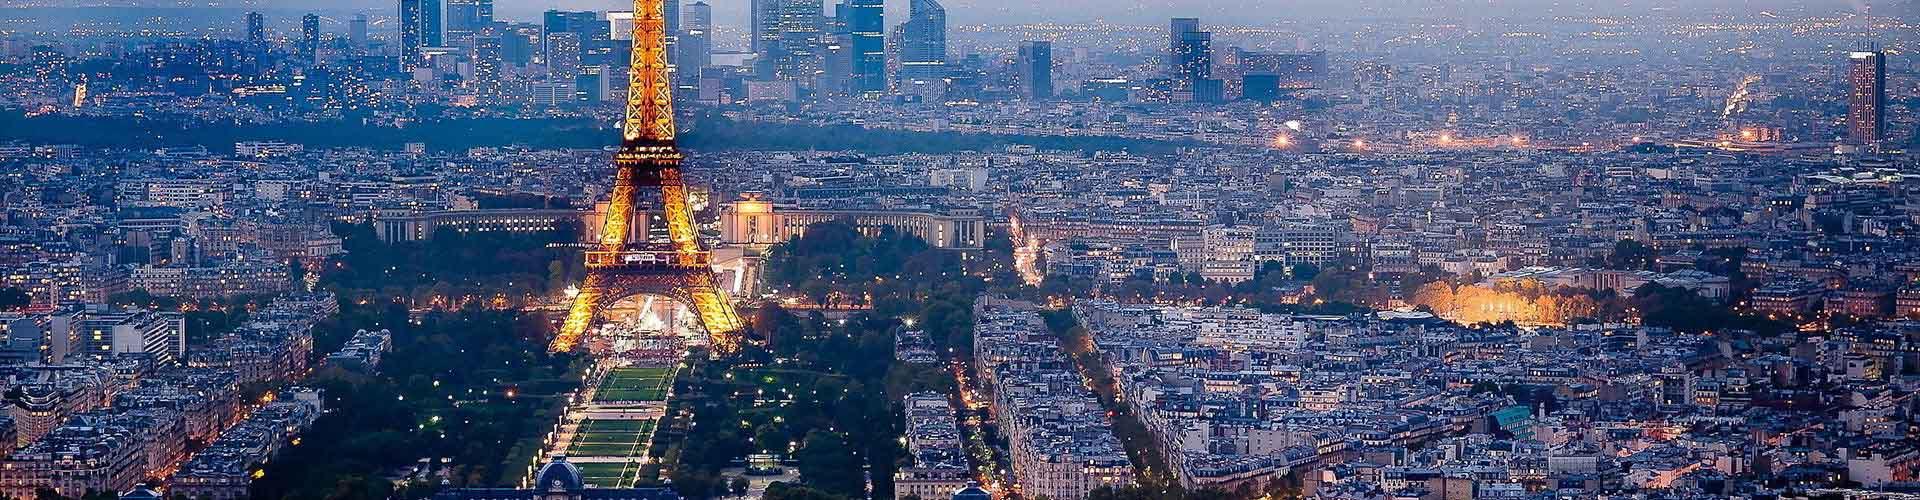 巴黎 – 市中心附近的露营地。巴黎地图,巴黎每个露营地的照片和评价。